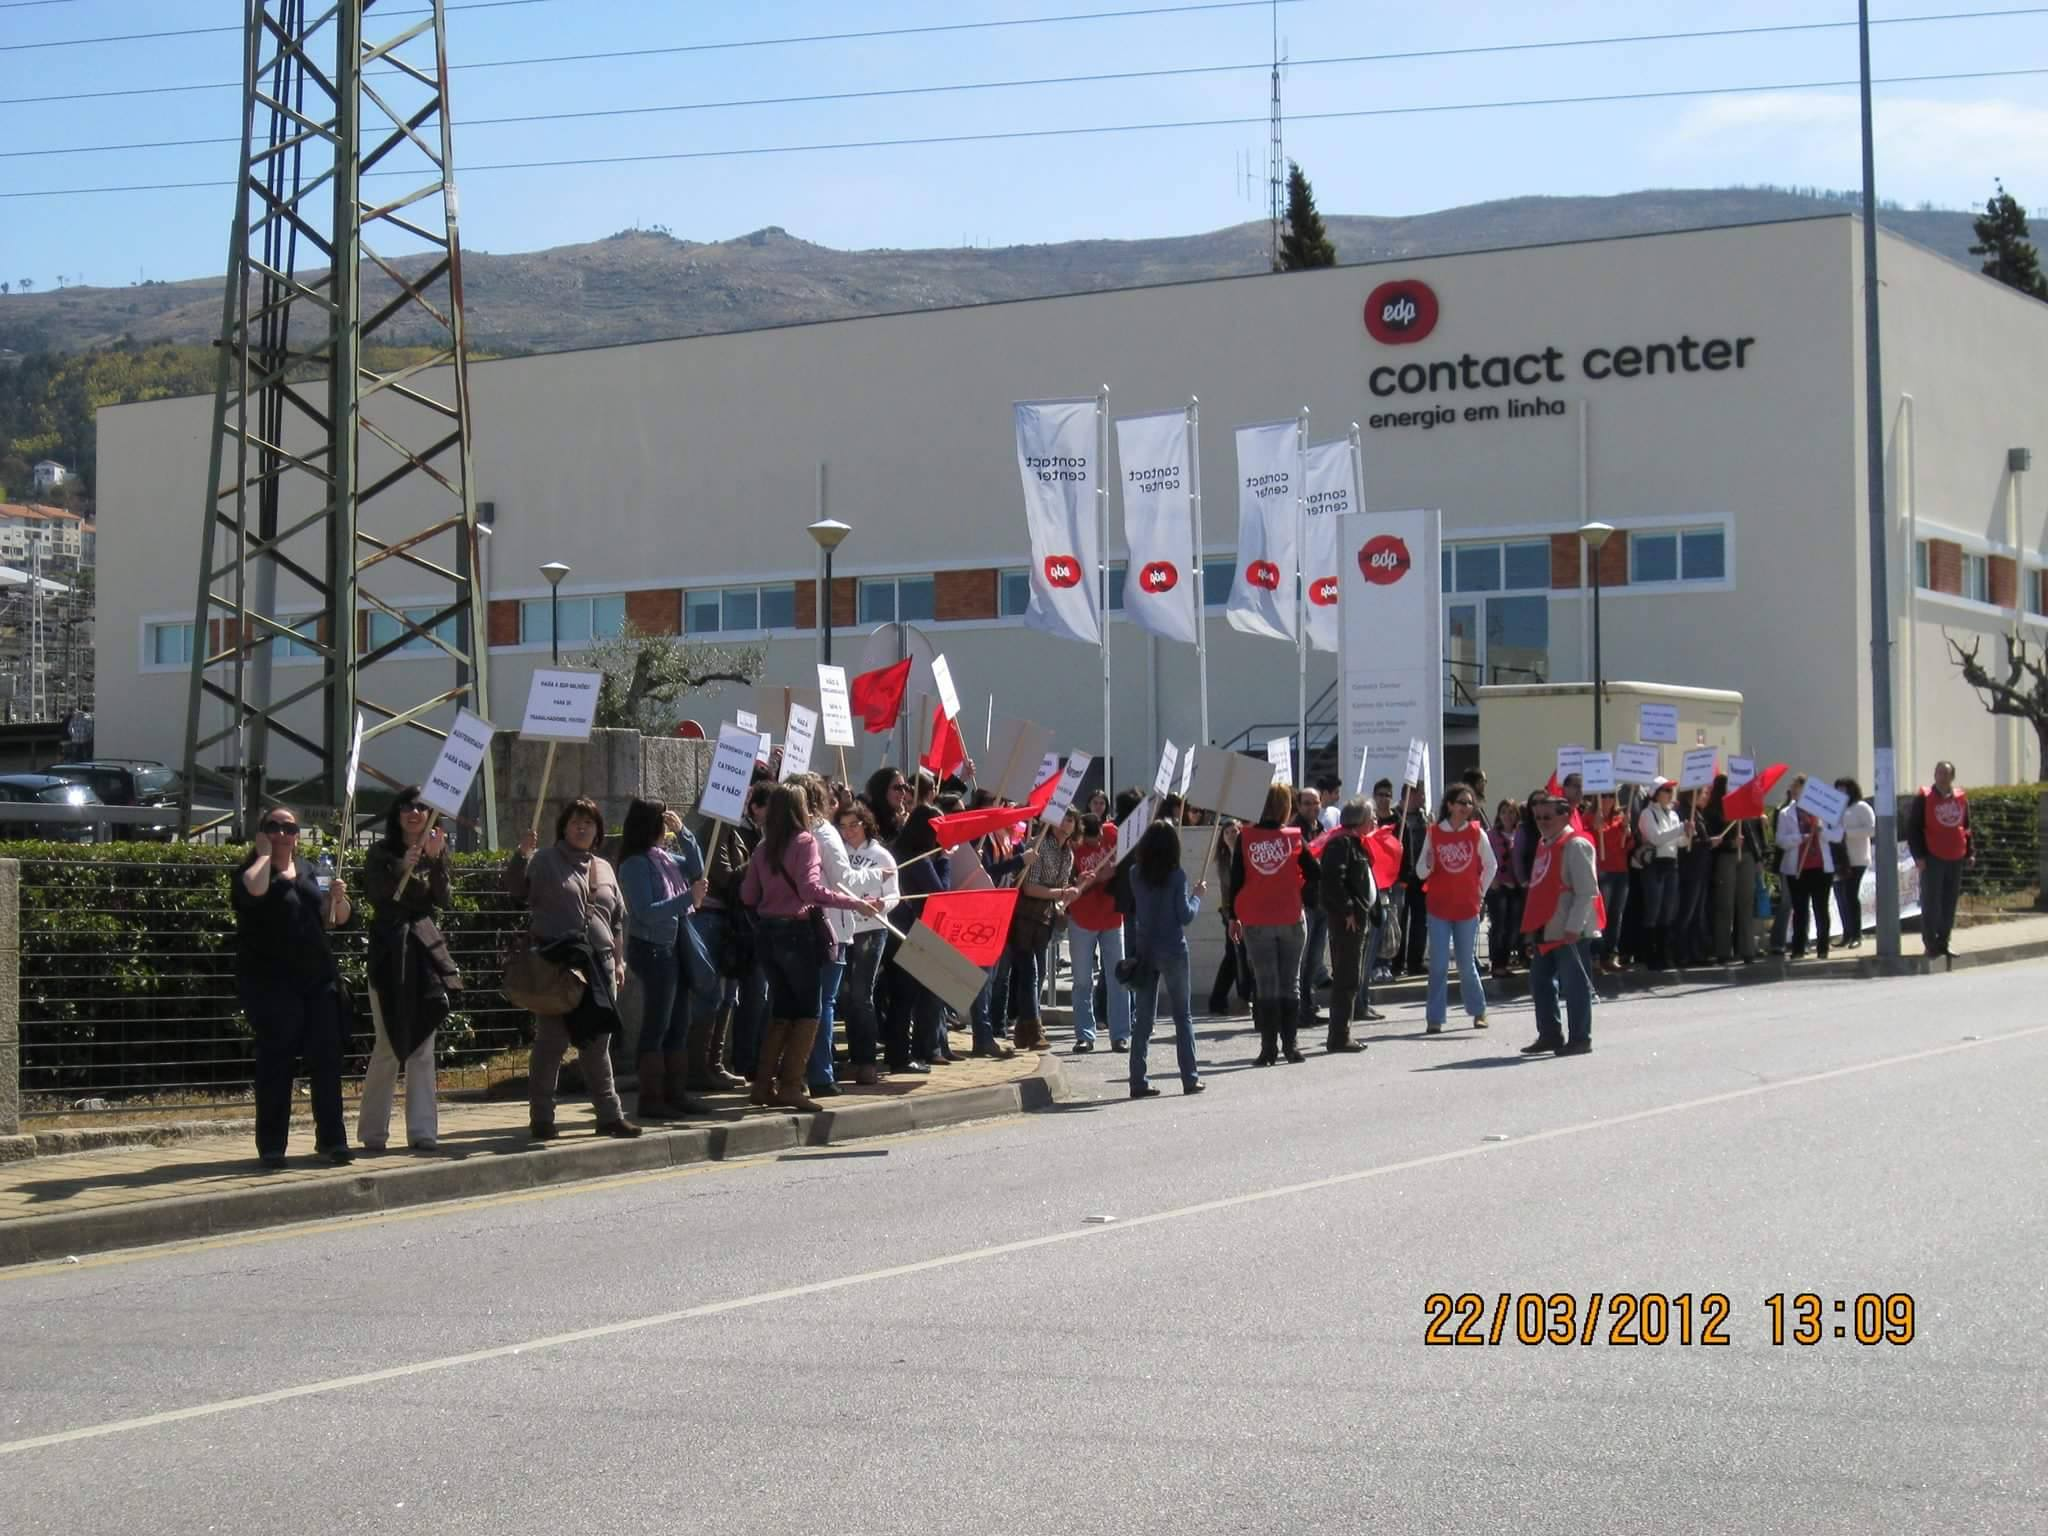 Trabalhadores do Call Center de Seia aguardam medidas preventivas contra o Covid-19